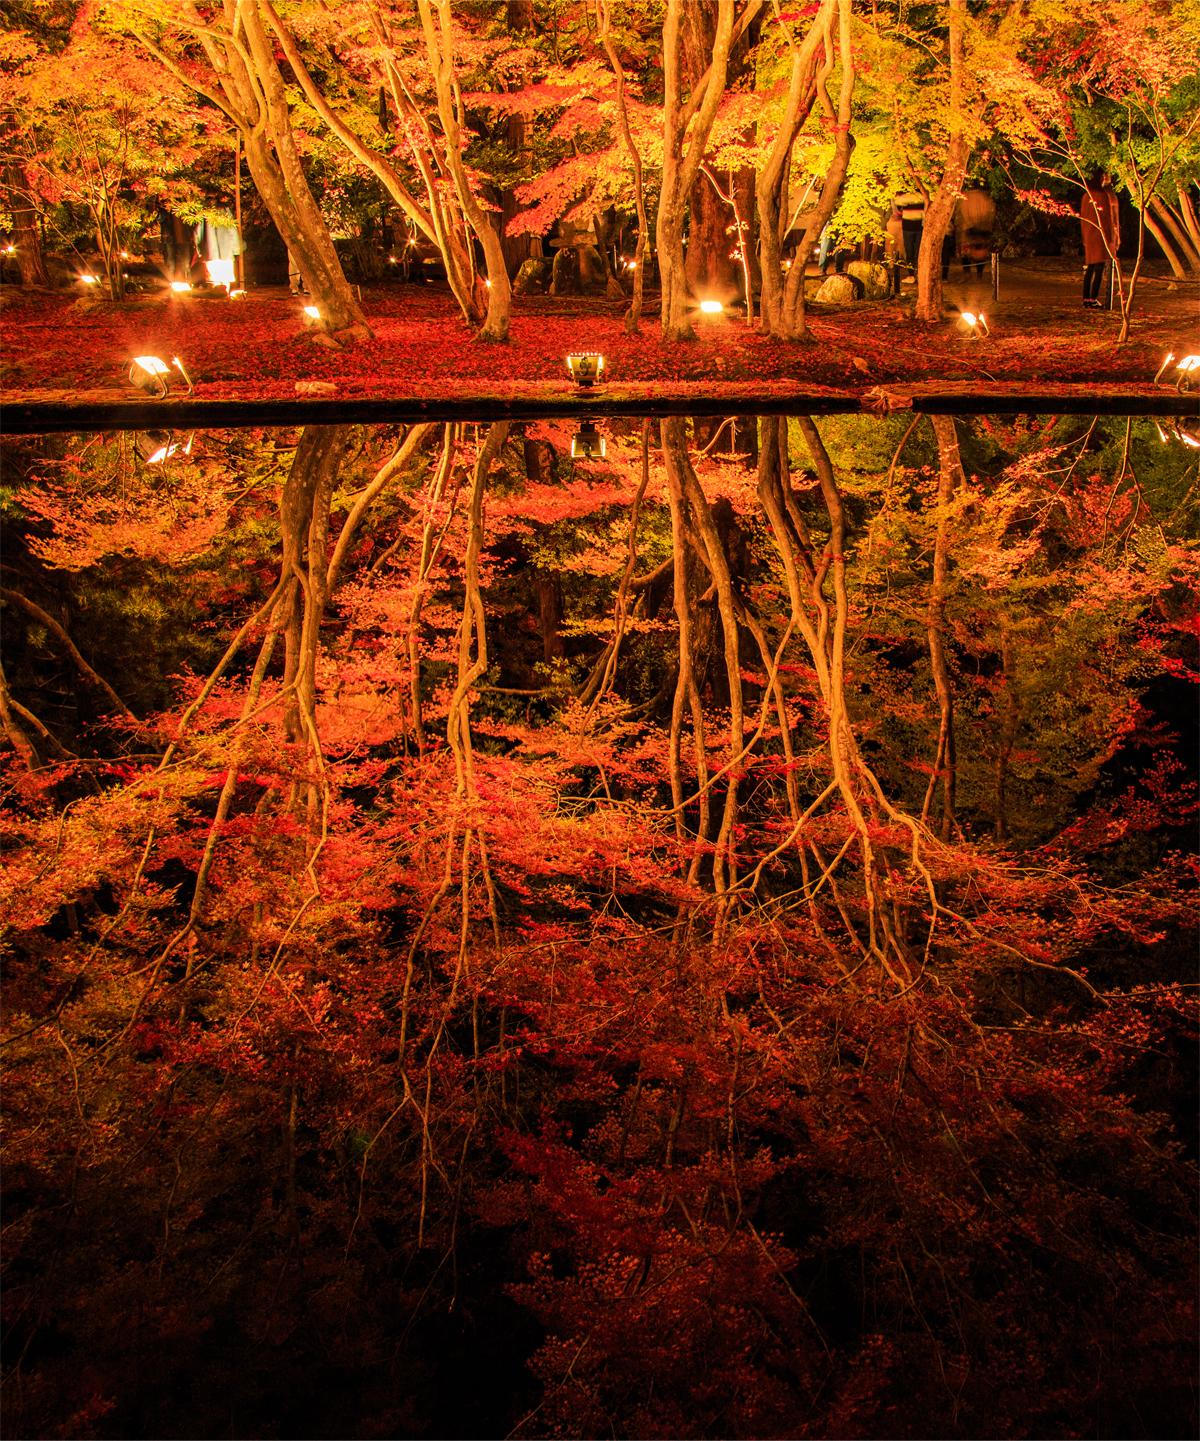 優秀賞_西村修さま「みなもに映る秋」